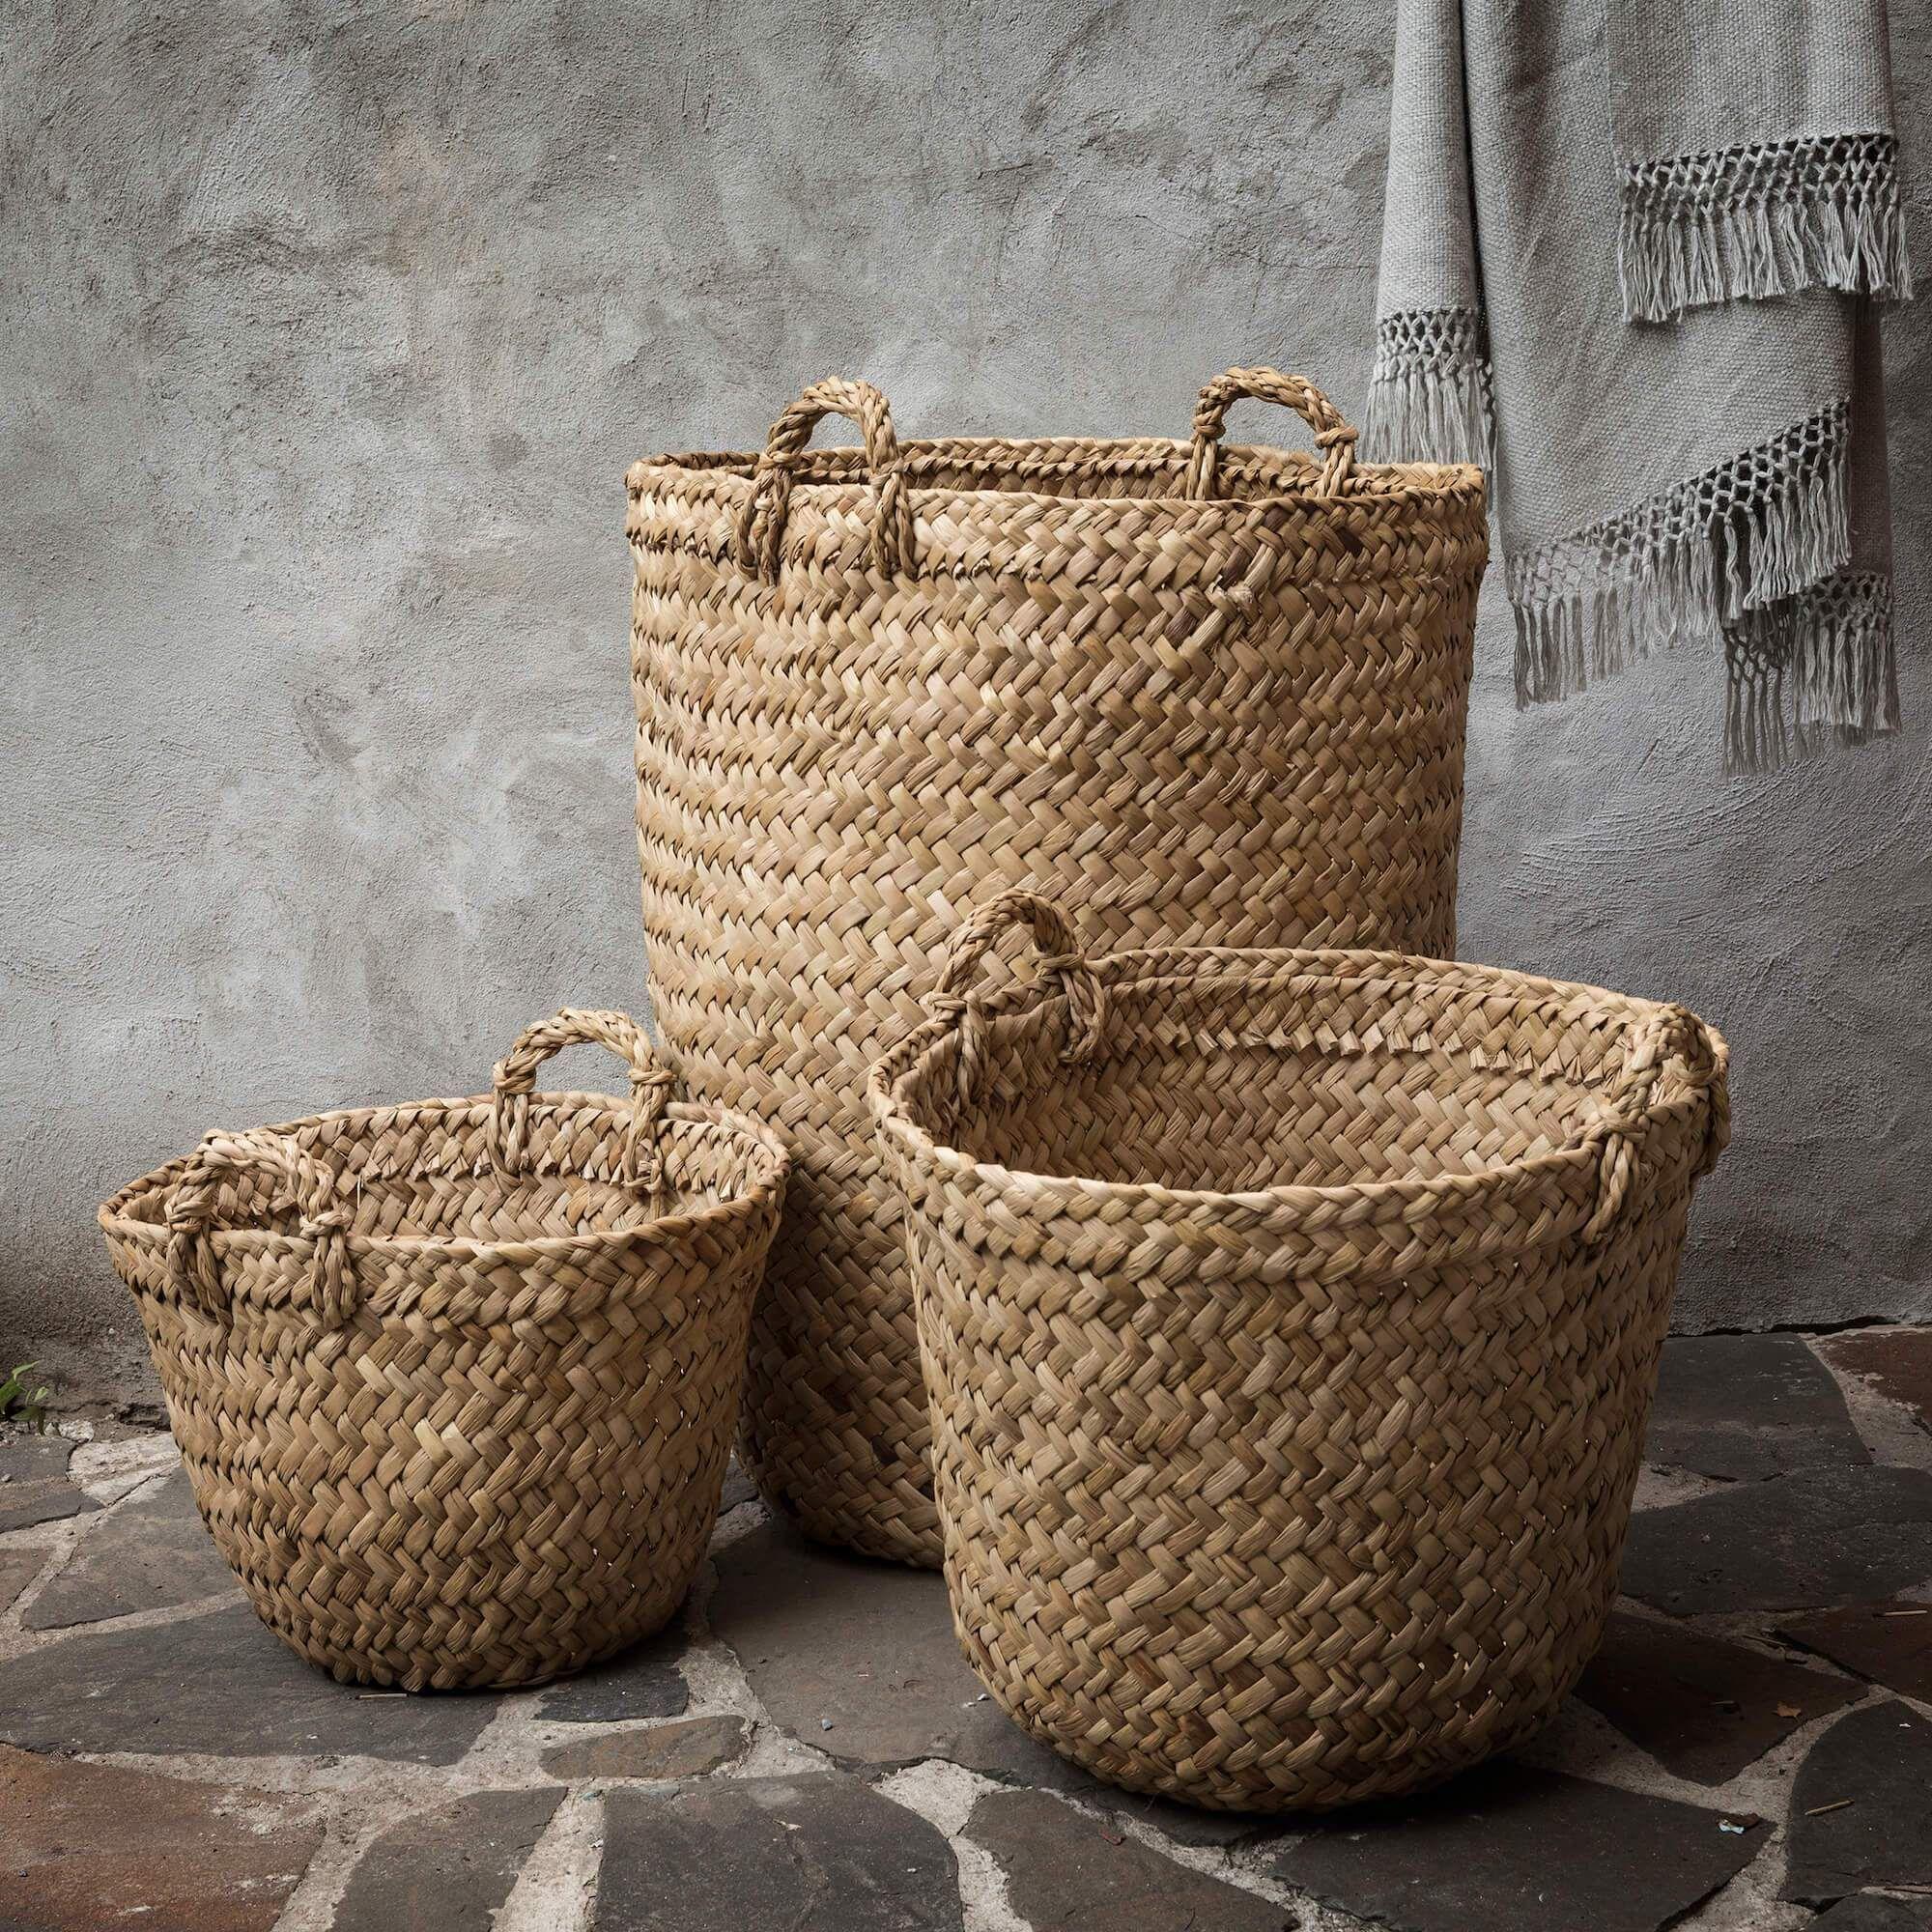 Totora Reed Basket In 2020 Basket Wicker Fireplace Baskets